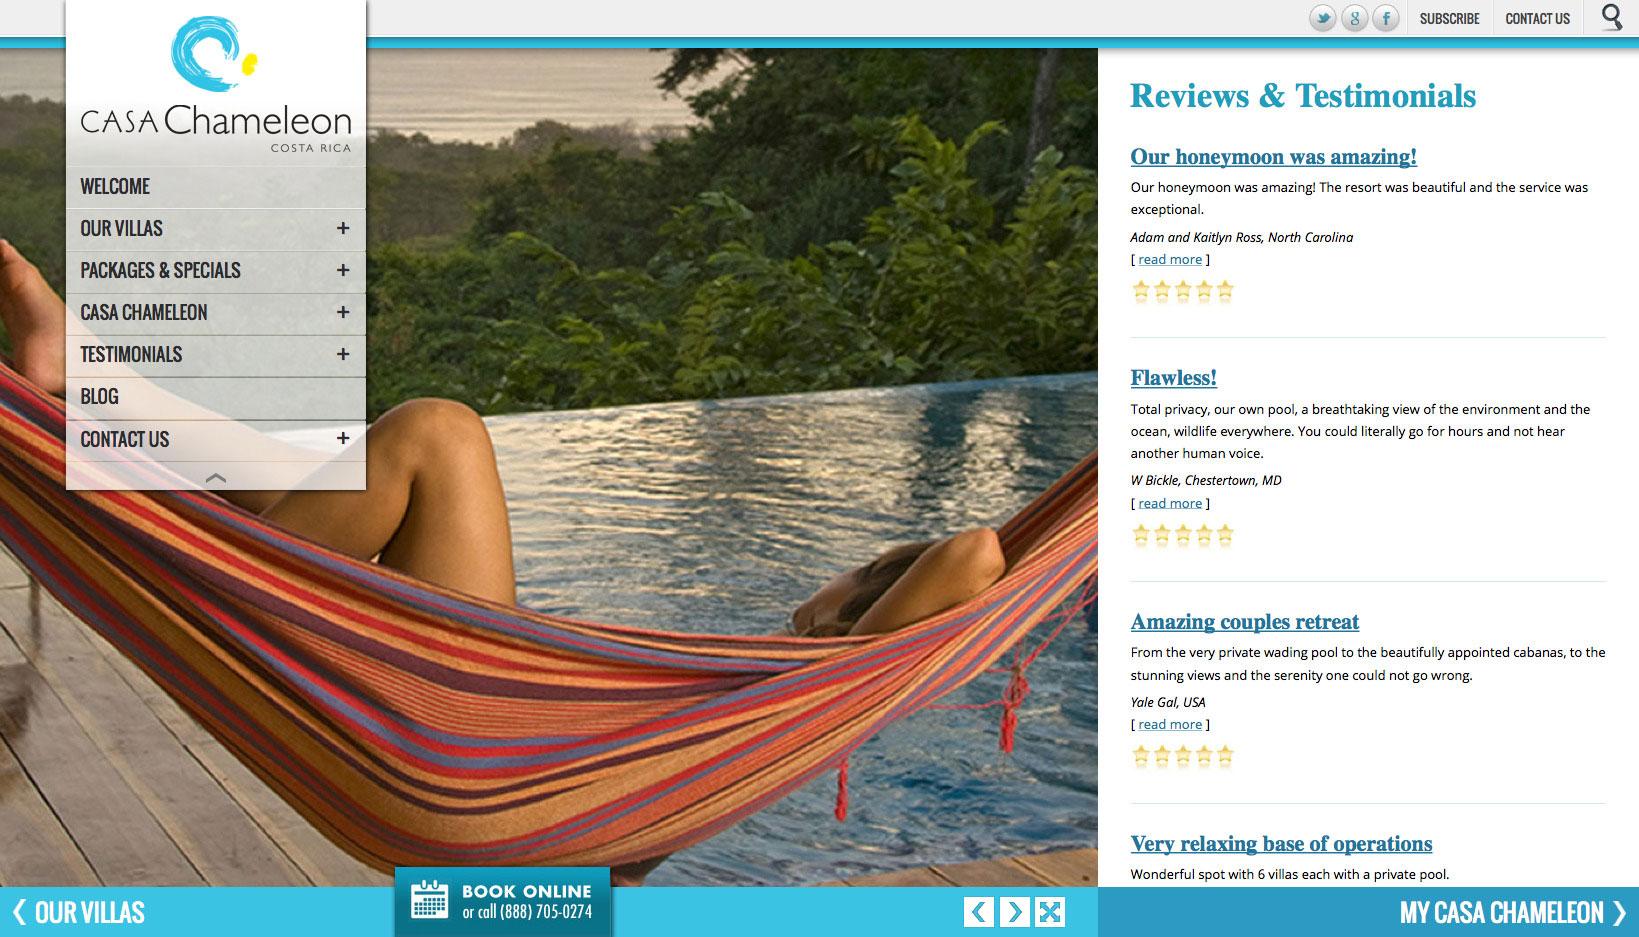 Casa-Chameleon-Reviews-Archive-_-Casa-Chameleon-Hotel6.jpg